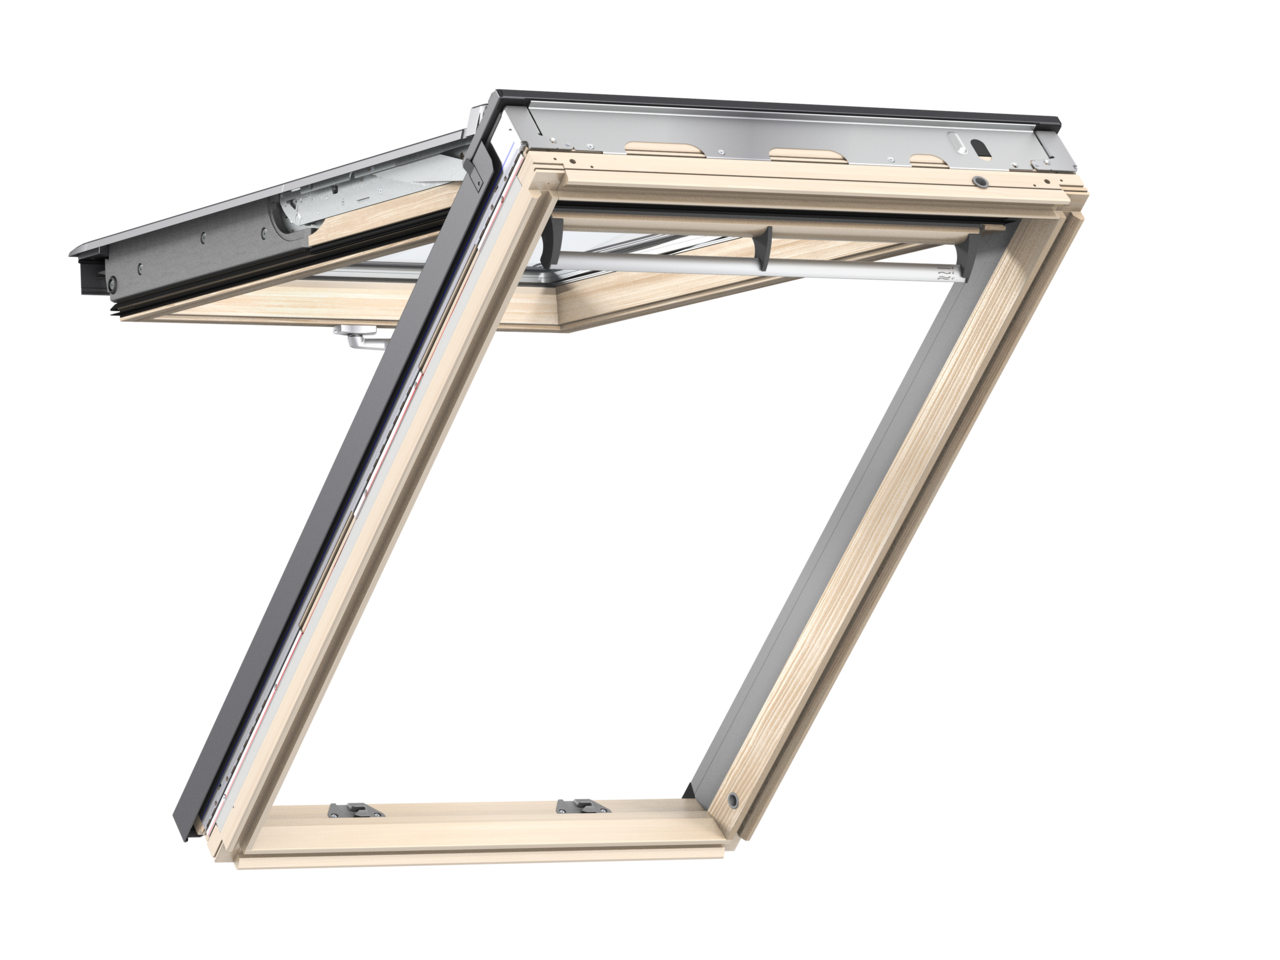 Výklopně-kyvné okno VELUX GPL 3050 rozměr: MK06 78x118 cm